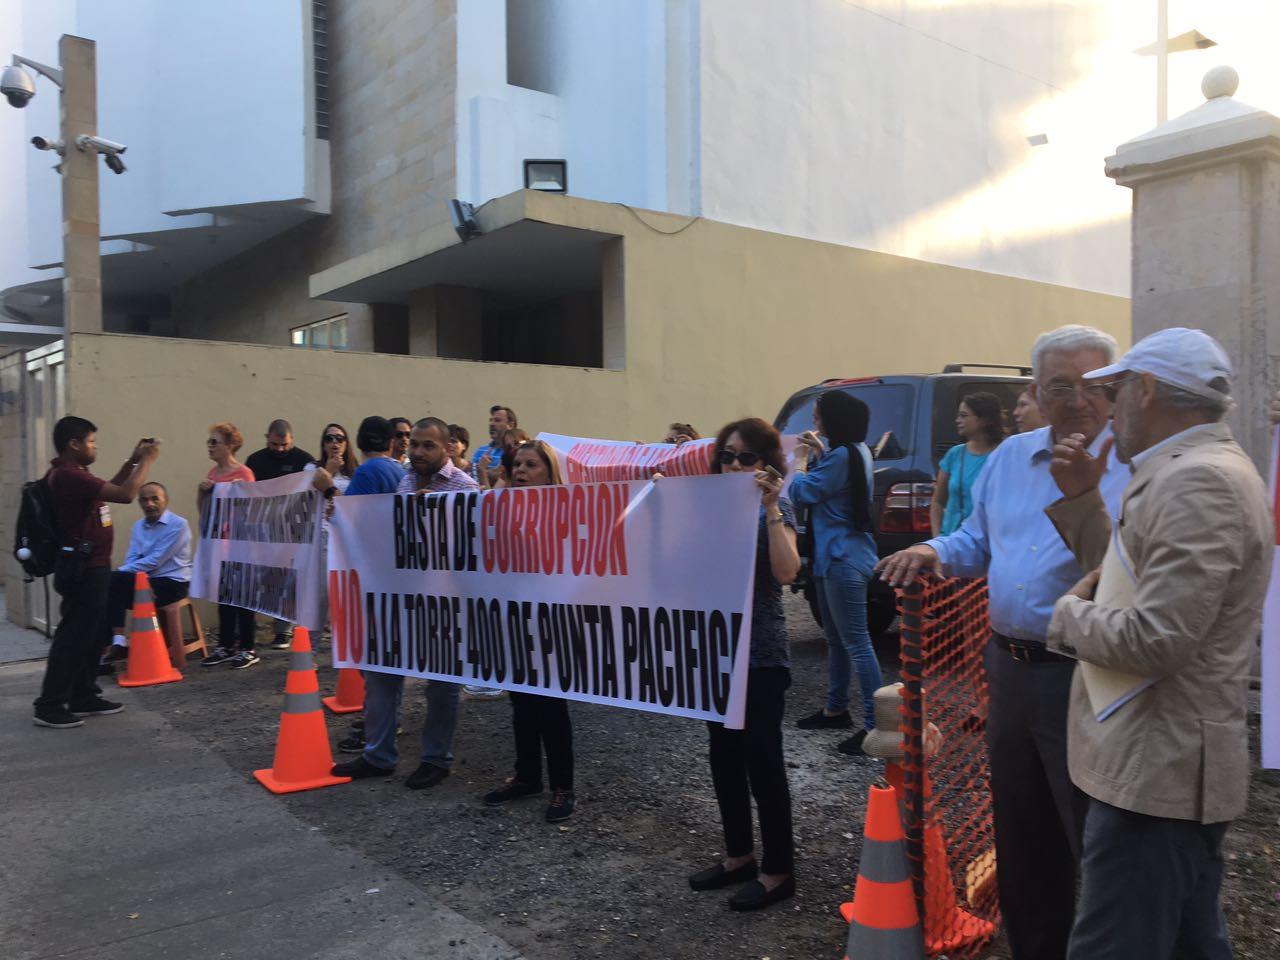 Manifestantes ocuparon las aceras del conjunto residencial Pacific Point el viernes, 17 de marzo, siendo atendidos por el corregidor